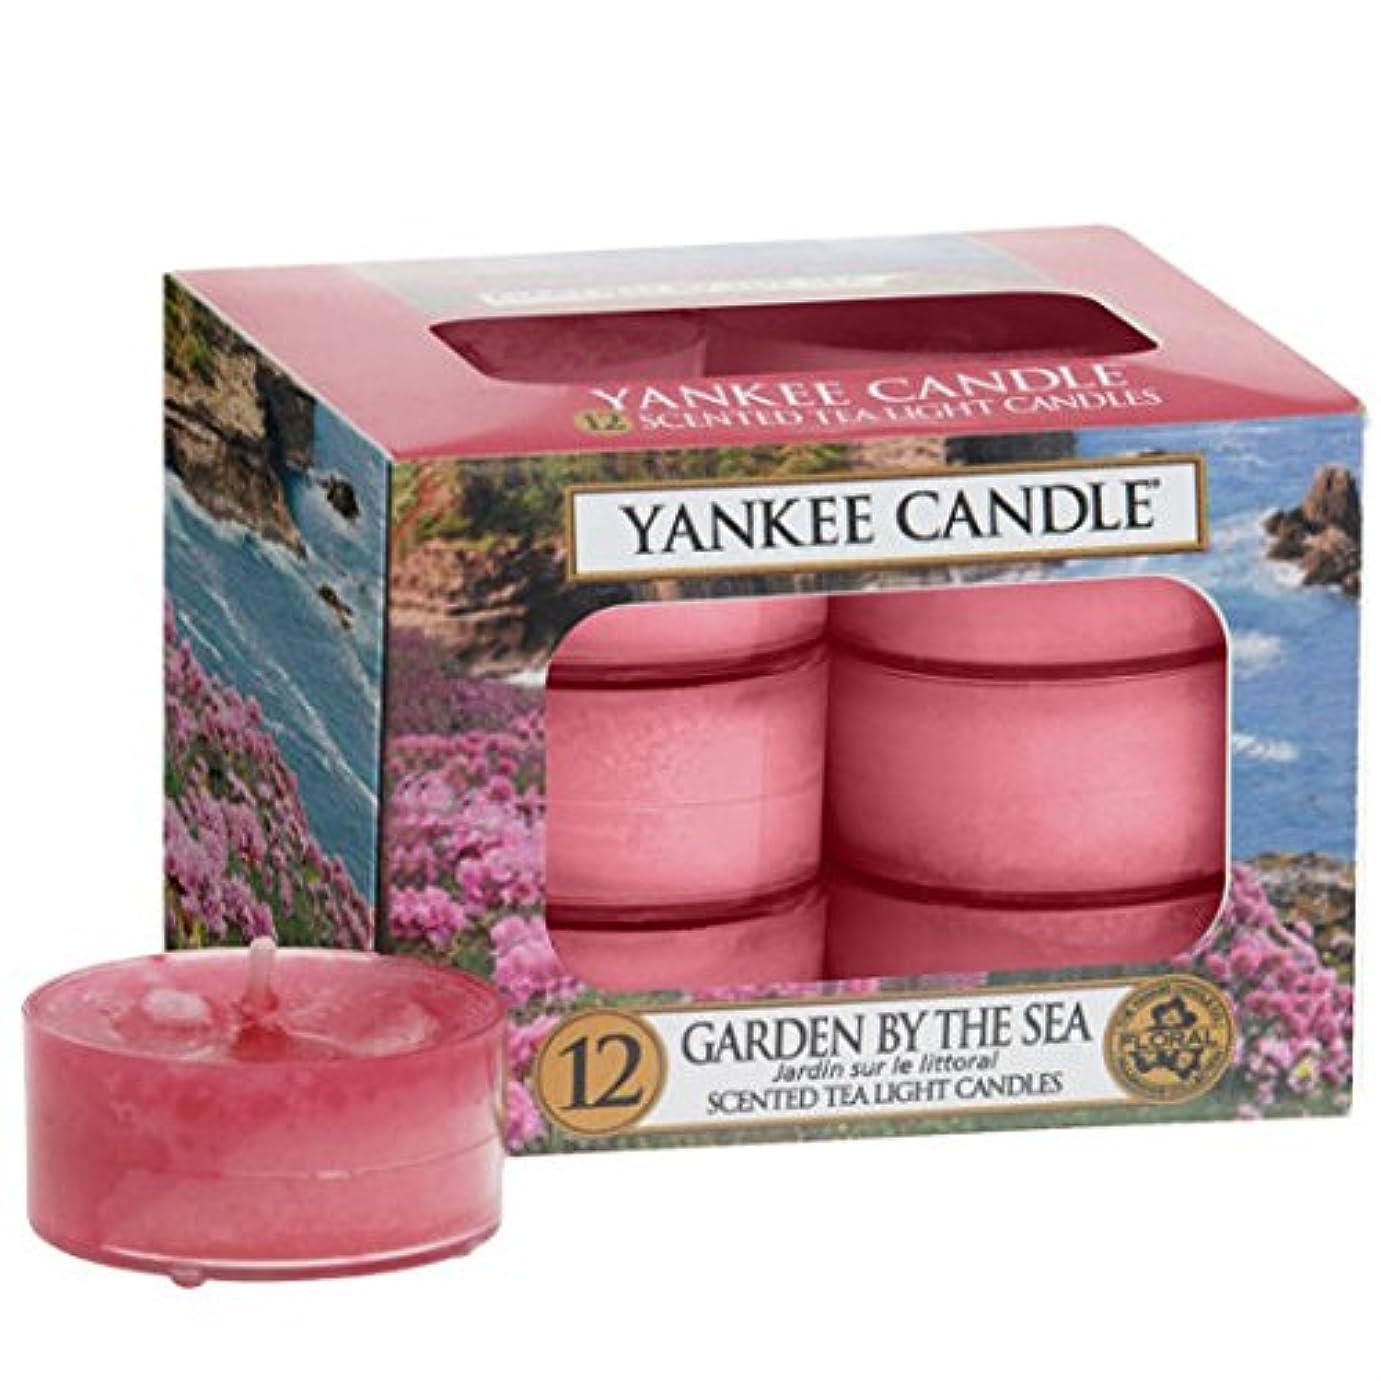 水曜日食い違い半球ヤンキーキャンドル(YANKEE CANDLE) YANKEE CANDLE クリアカップティーライト12個入り 「ガーデンバイザシー」